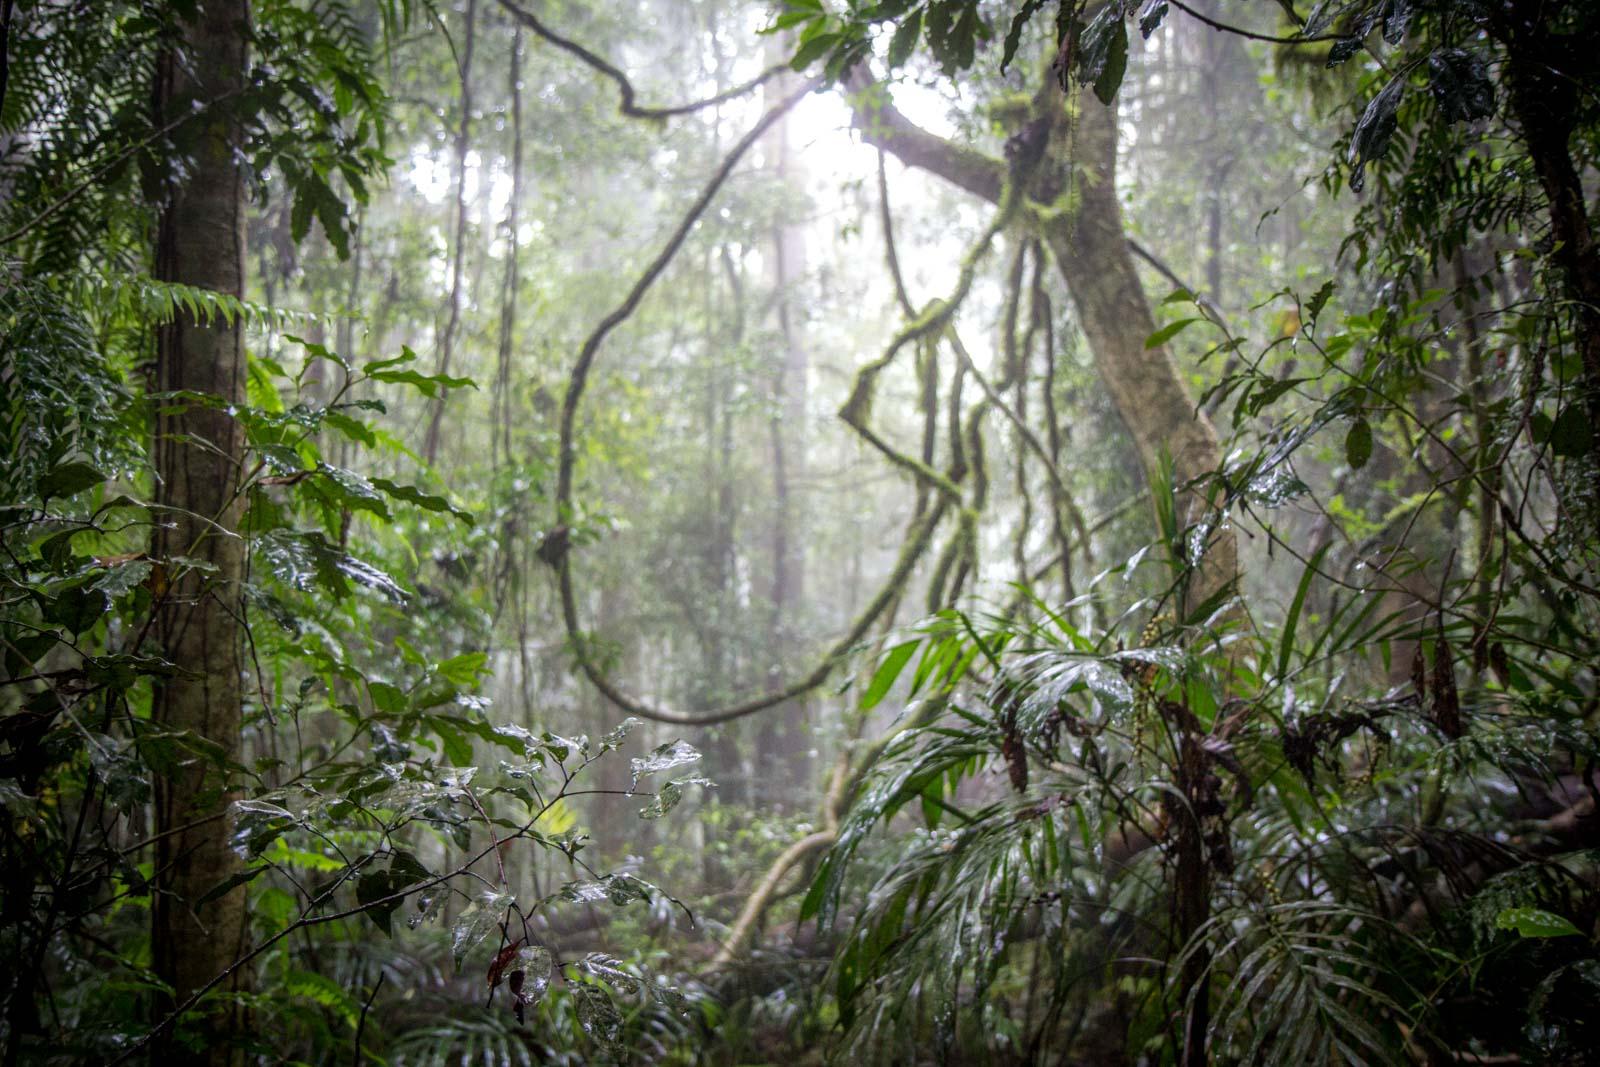 Dorrigo National Park, NSW, Australia